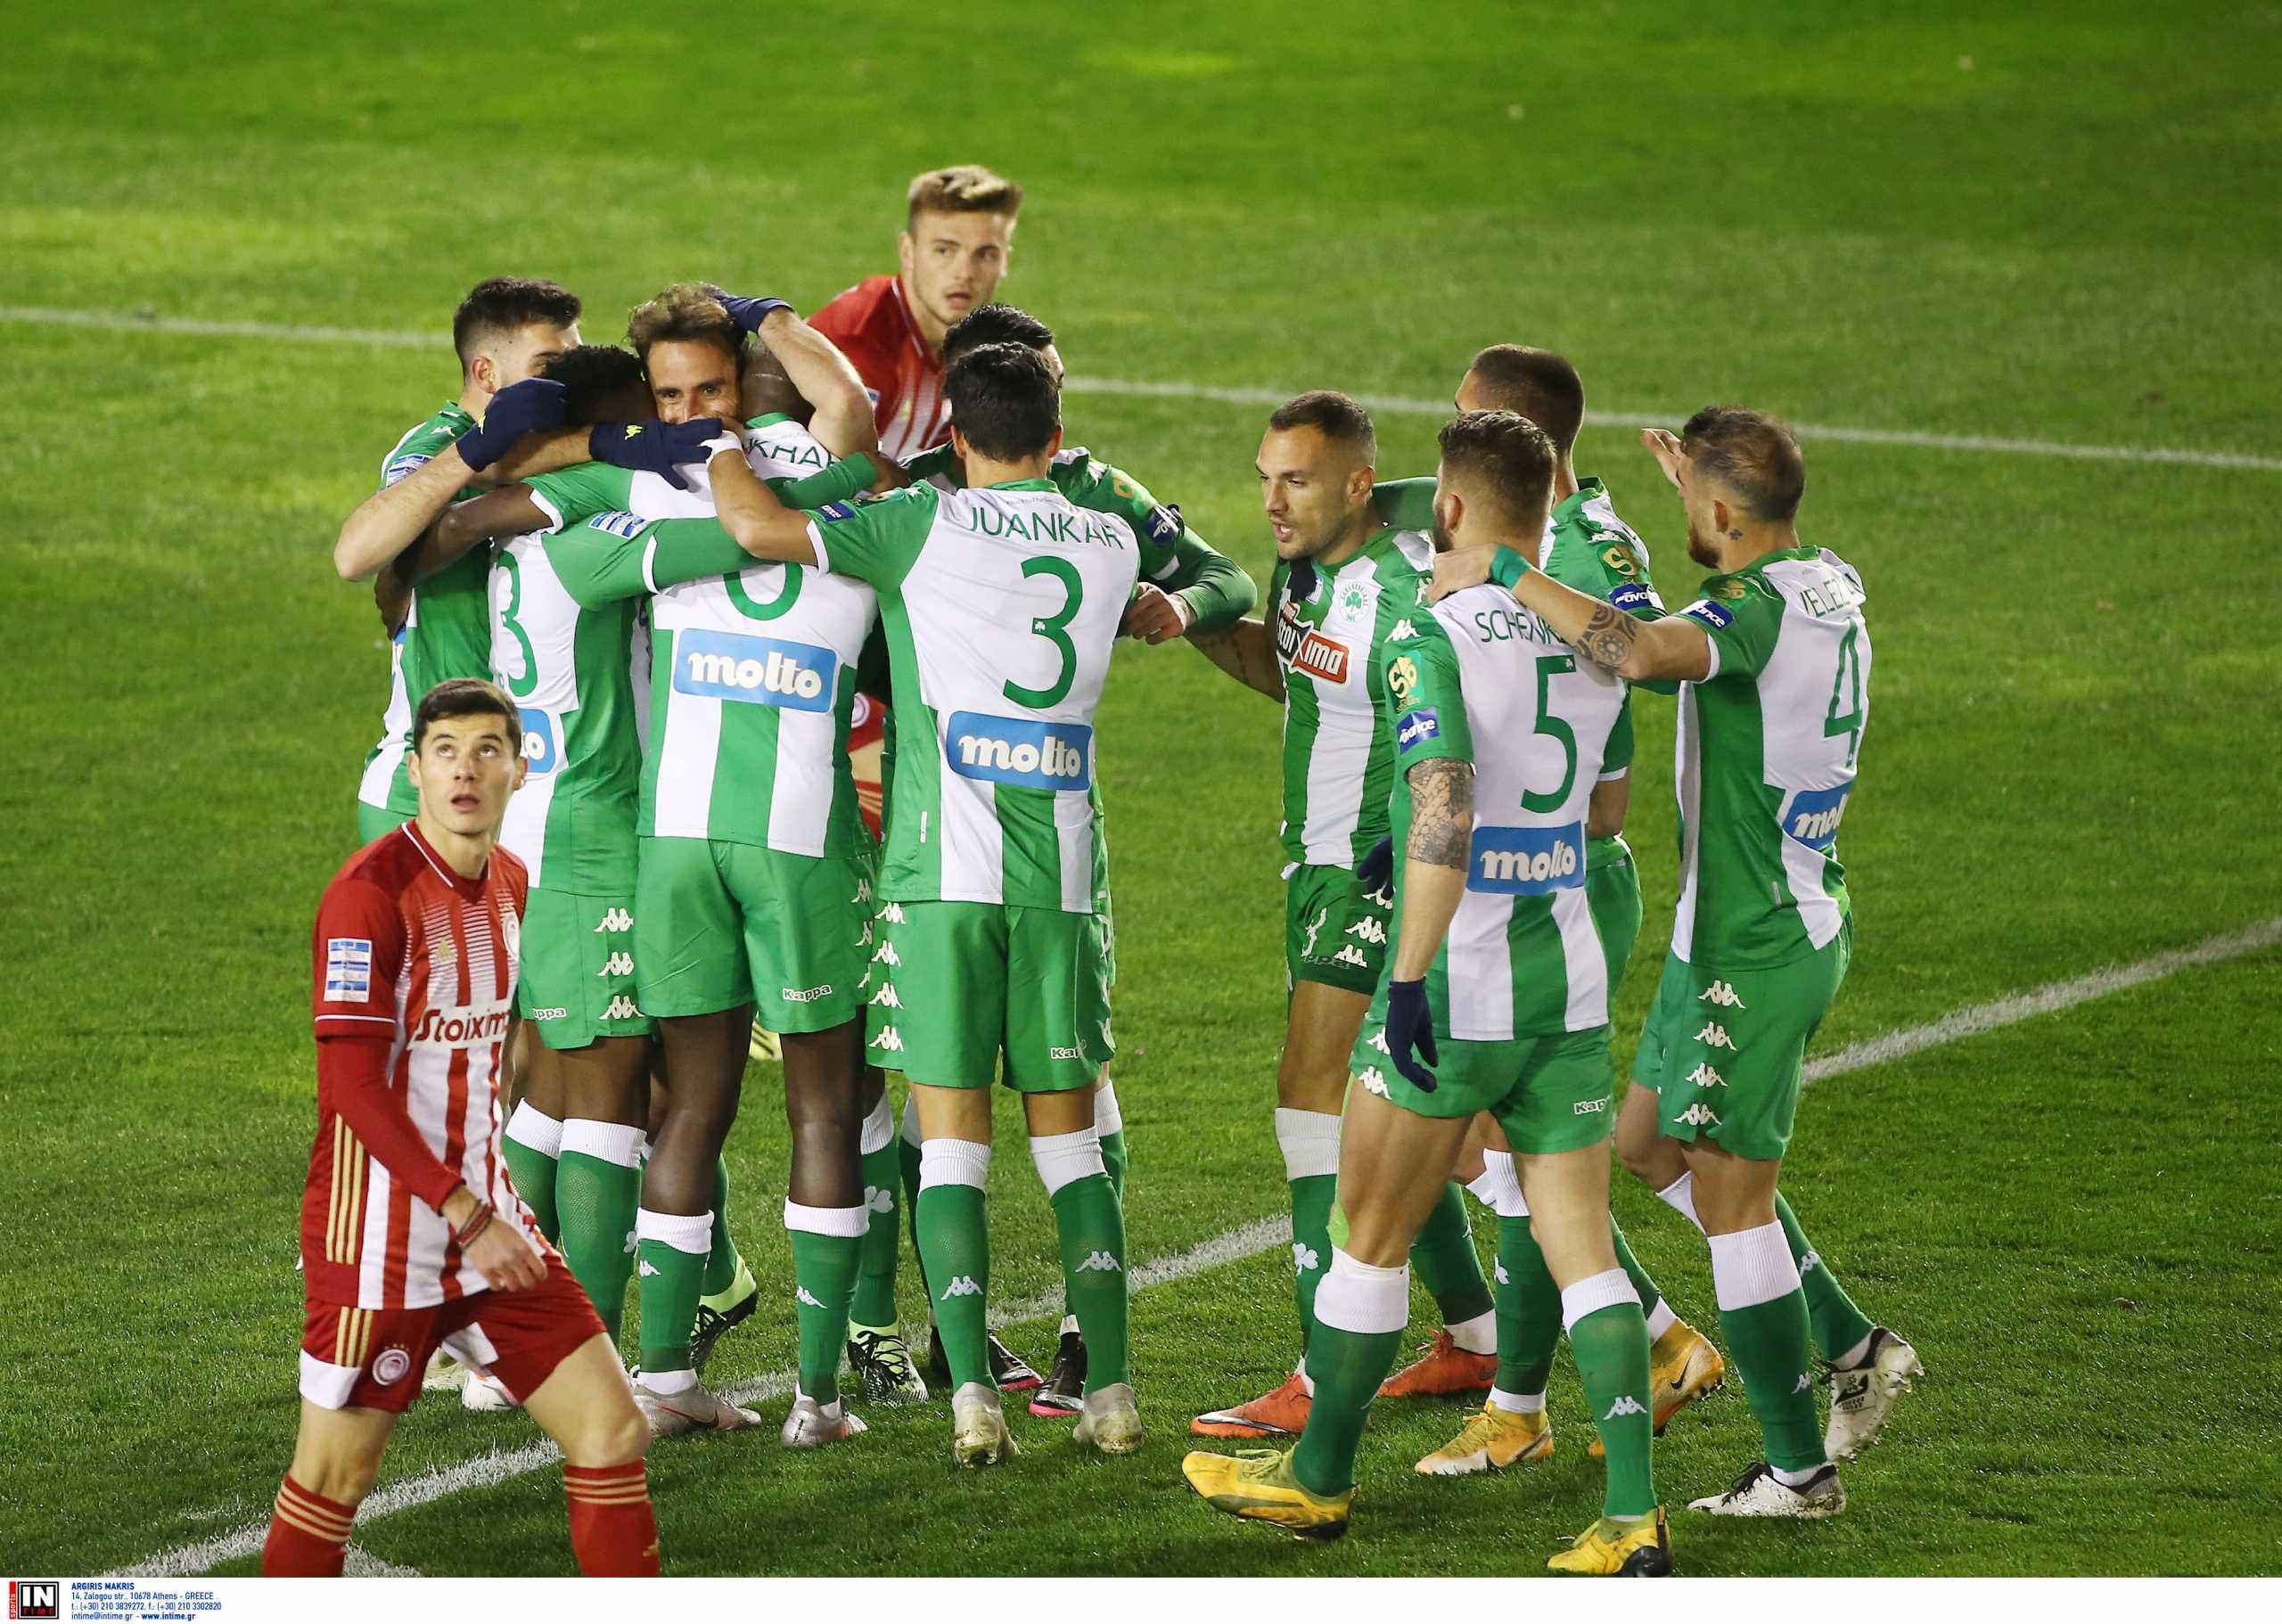 Παίκτες του Παναθηναϊκού: «Δεν υπάρχει πλάνο στην επίθεση, δεν ξέρουμε τι να κάνουμε μπροστά»